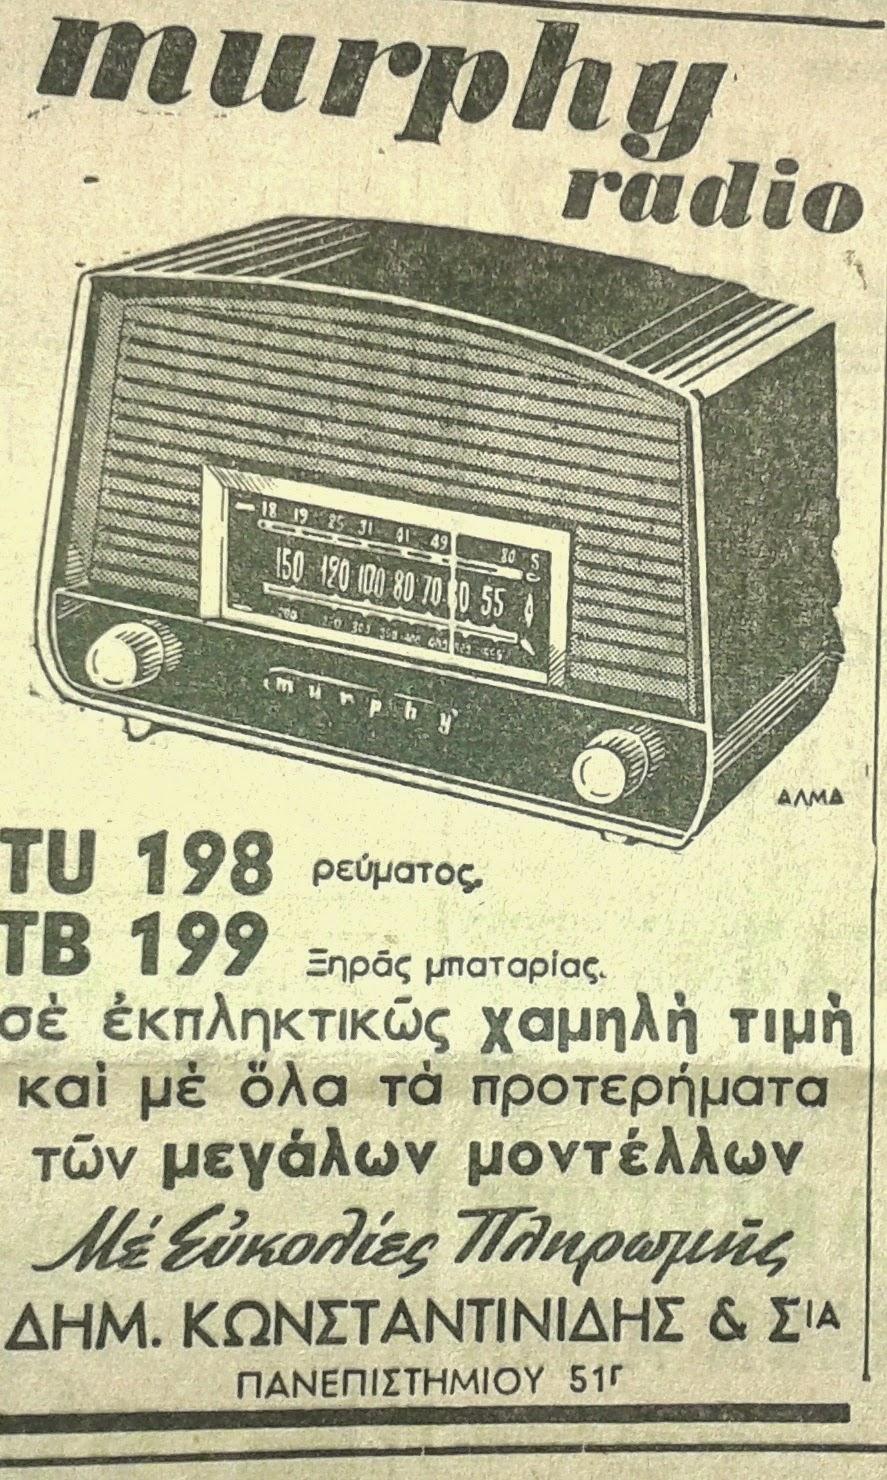 ΤΕΧΝΟΛΟΓΙΑ, ΡΑΔΙΟΦΩΝΟ ΤΟΥ 1950